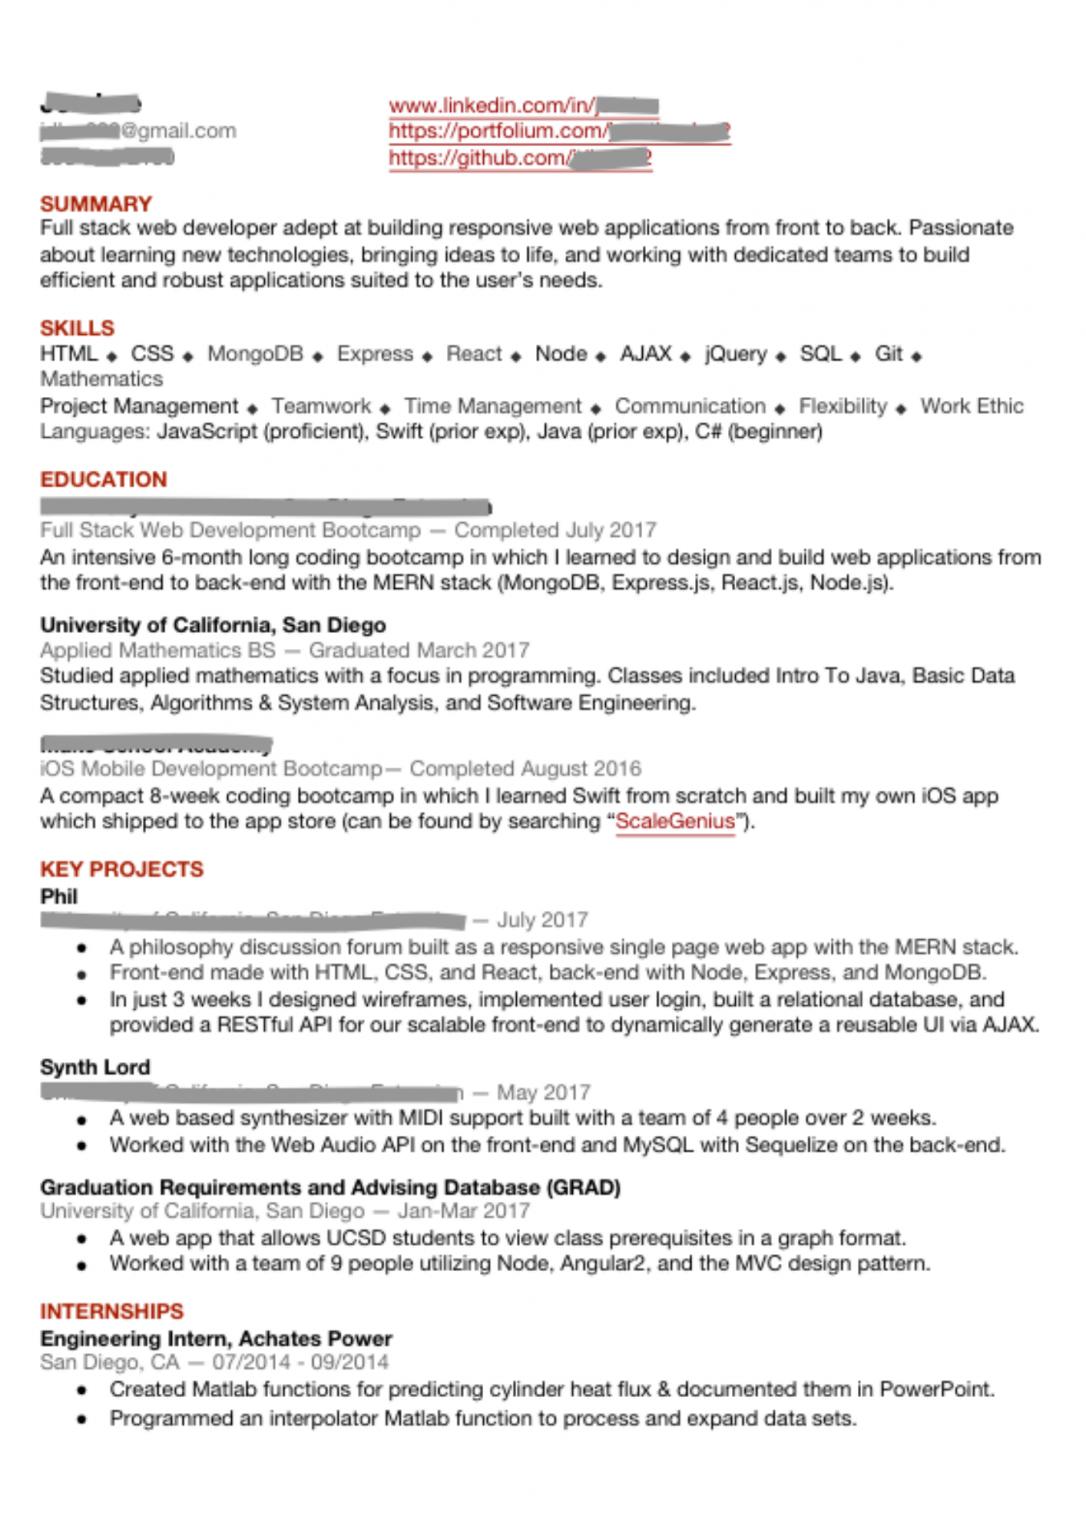 10 junior reactjs developer resume samples  react resumes